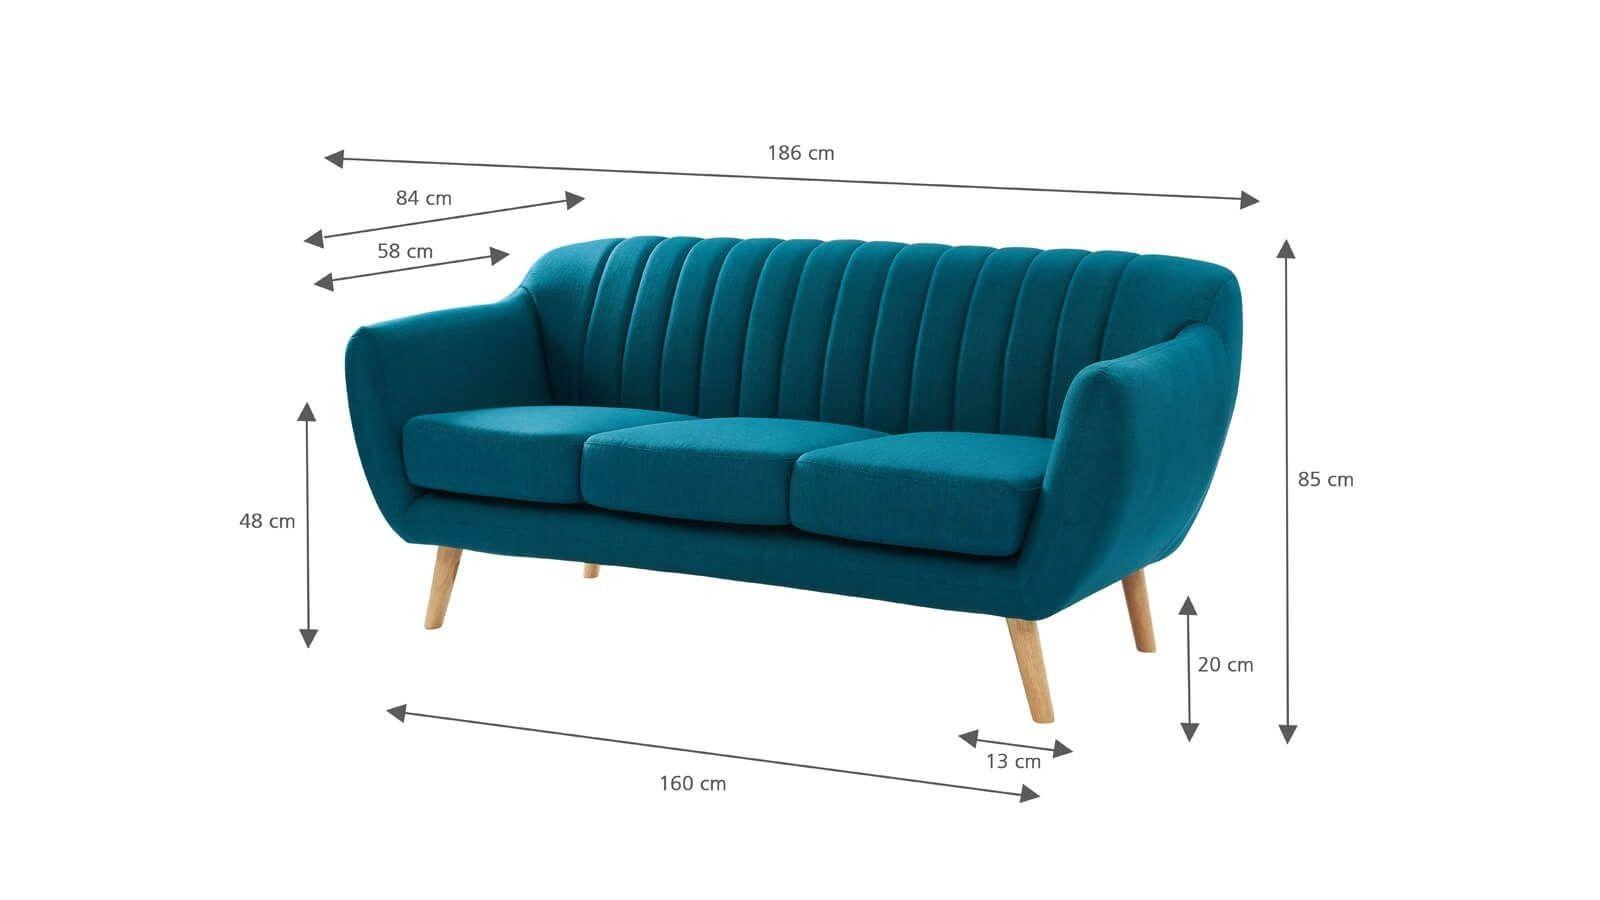 Meilleur Canape D Angle Style Scandinave Bonnes Idees Canap